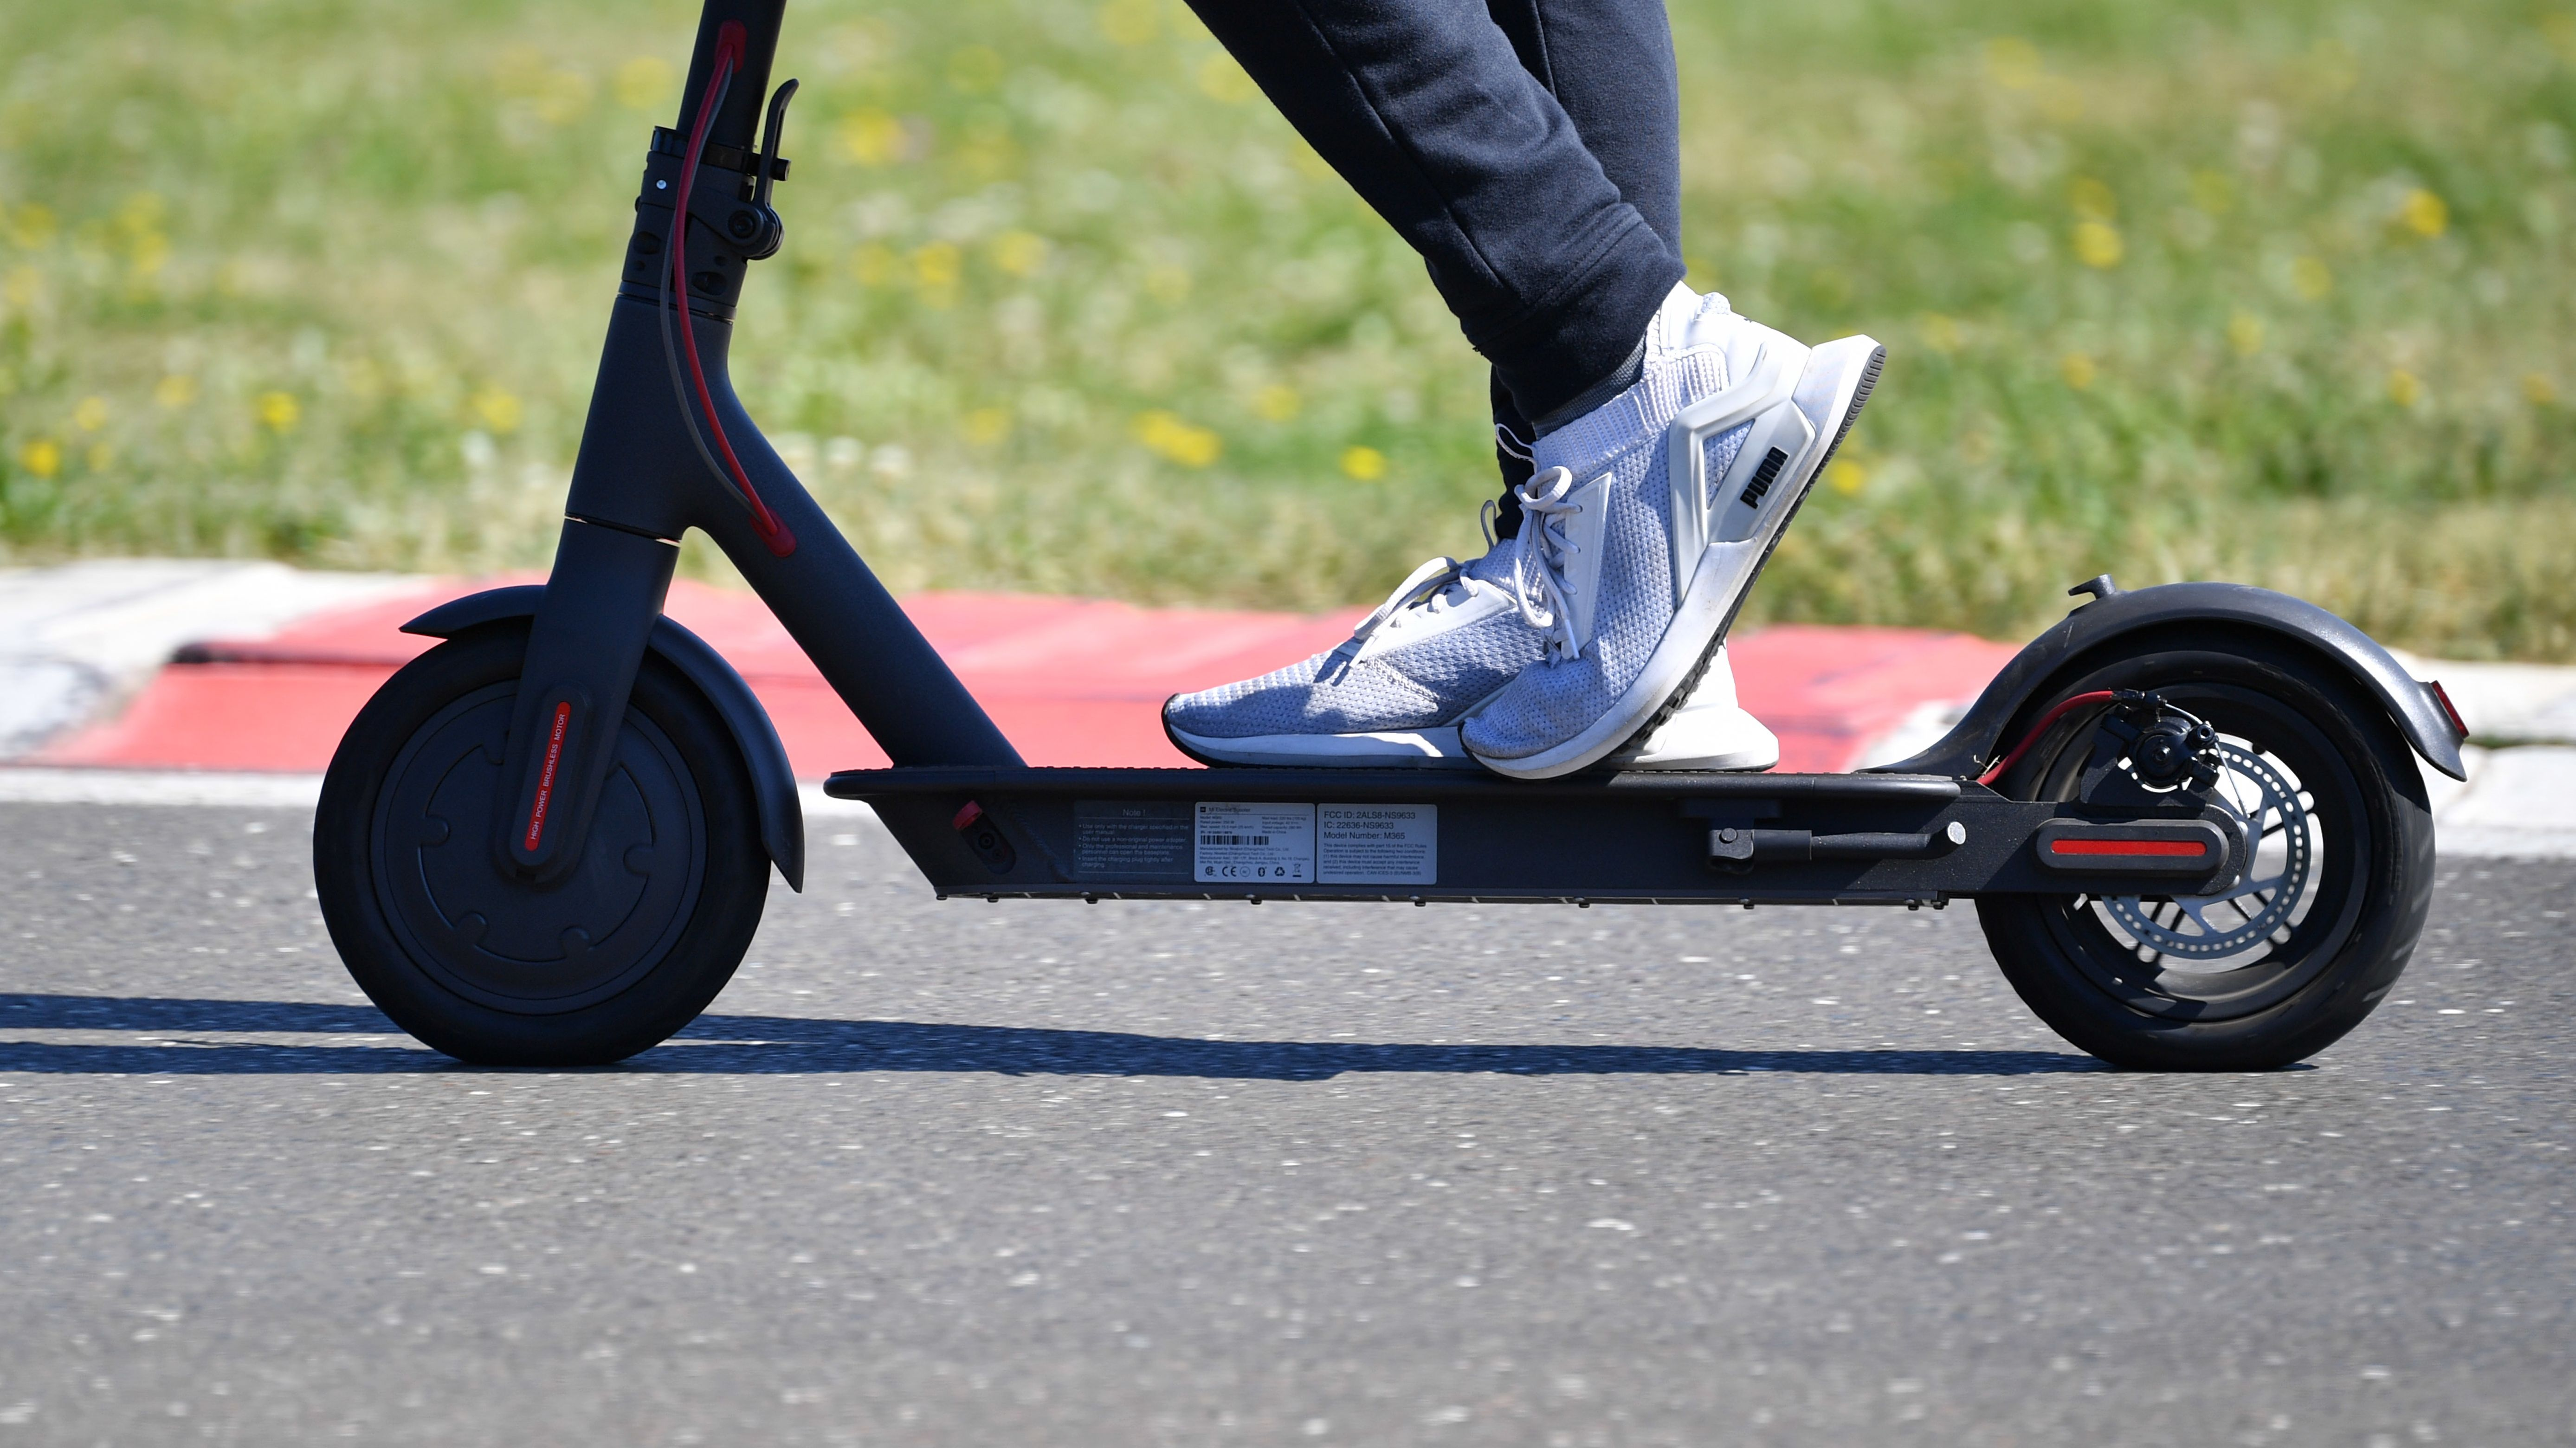 ArchivbIld: E-Scooter auch E-Tretroler genannt